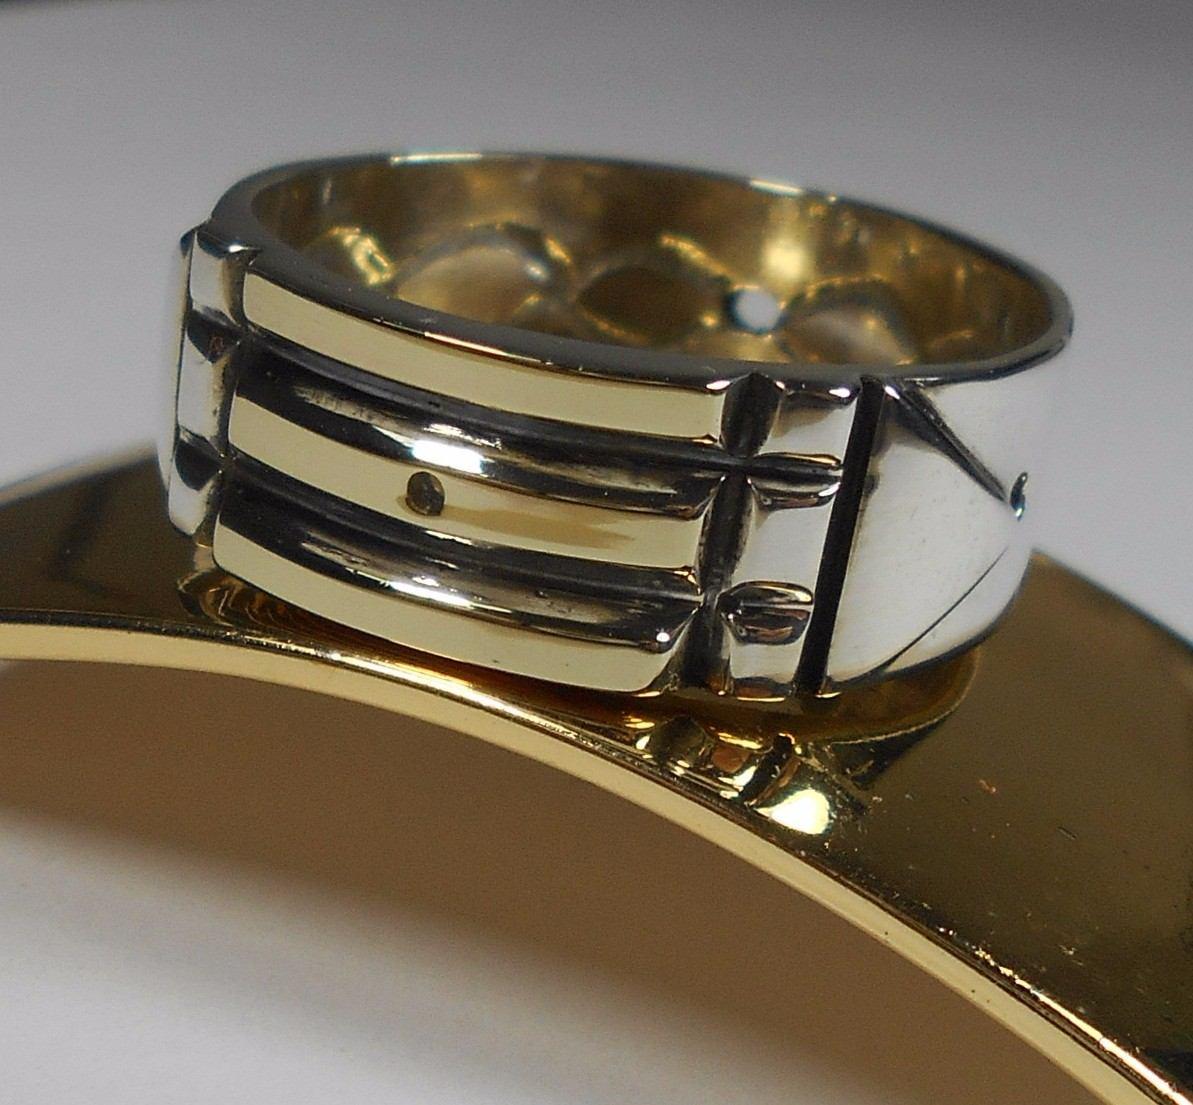 39a1db7da665b Anel de prata atlantis louksor com ouro infinito belo carregando zoom jpg  1193x1105 Ouro anel de